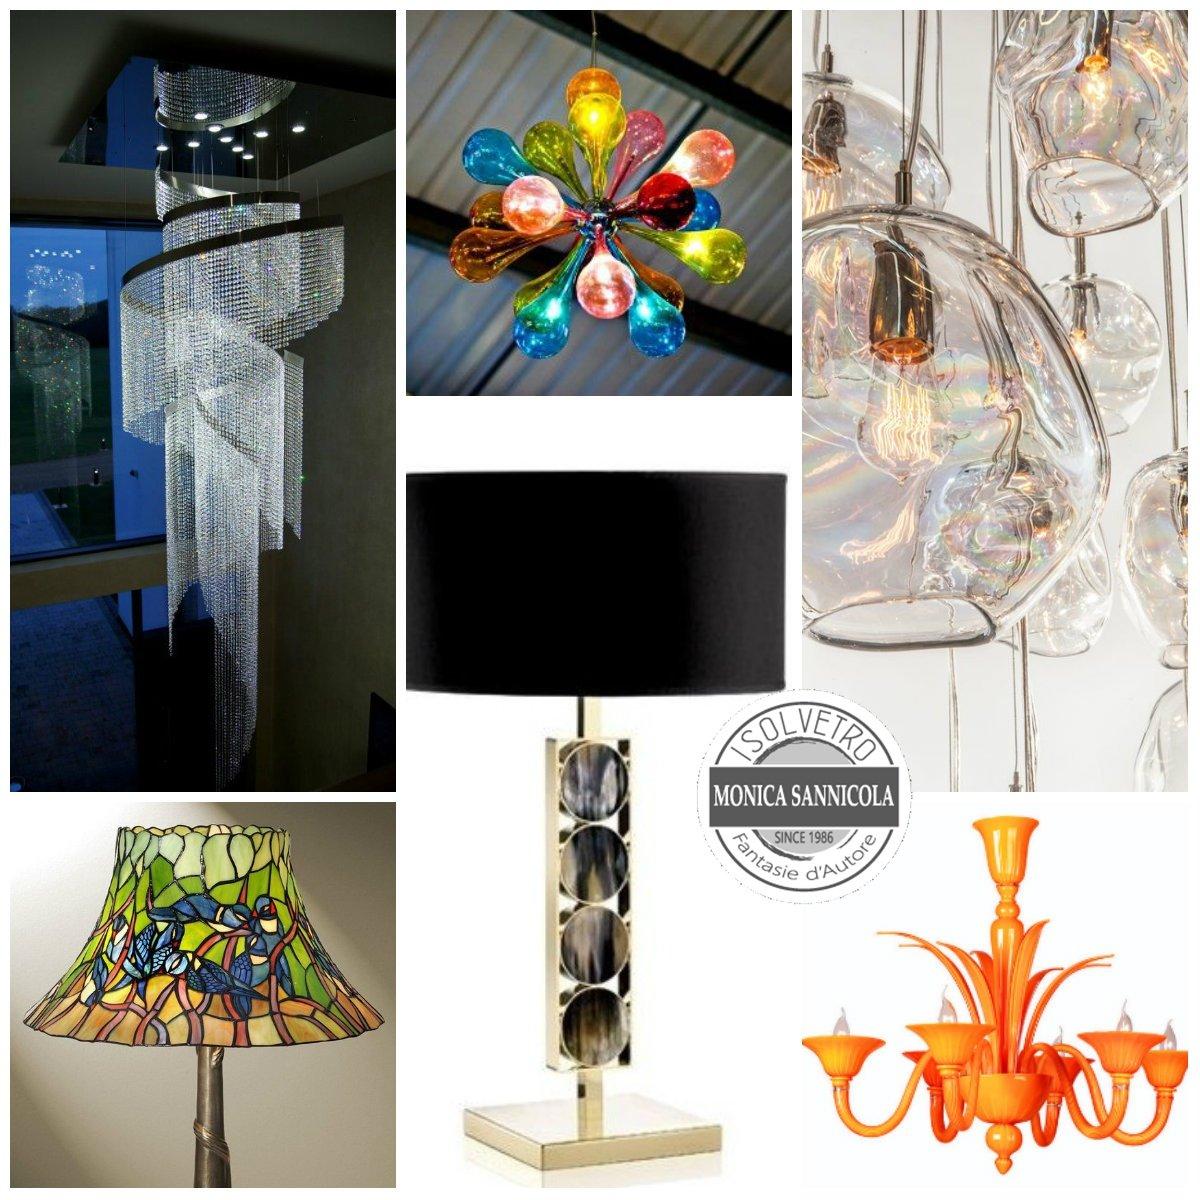 lampadari di varie forme, materiali e colori